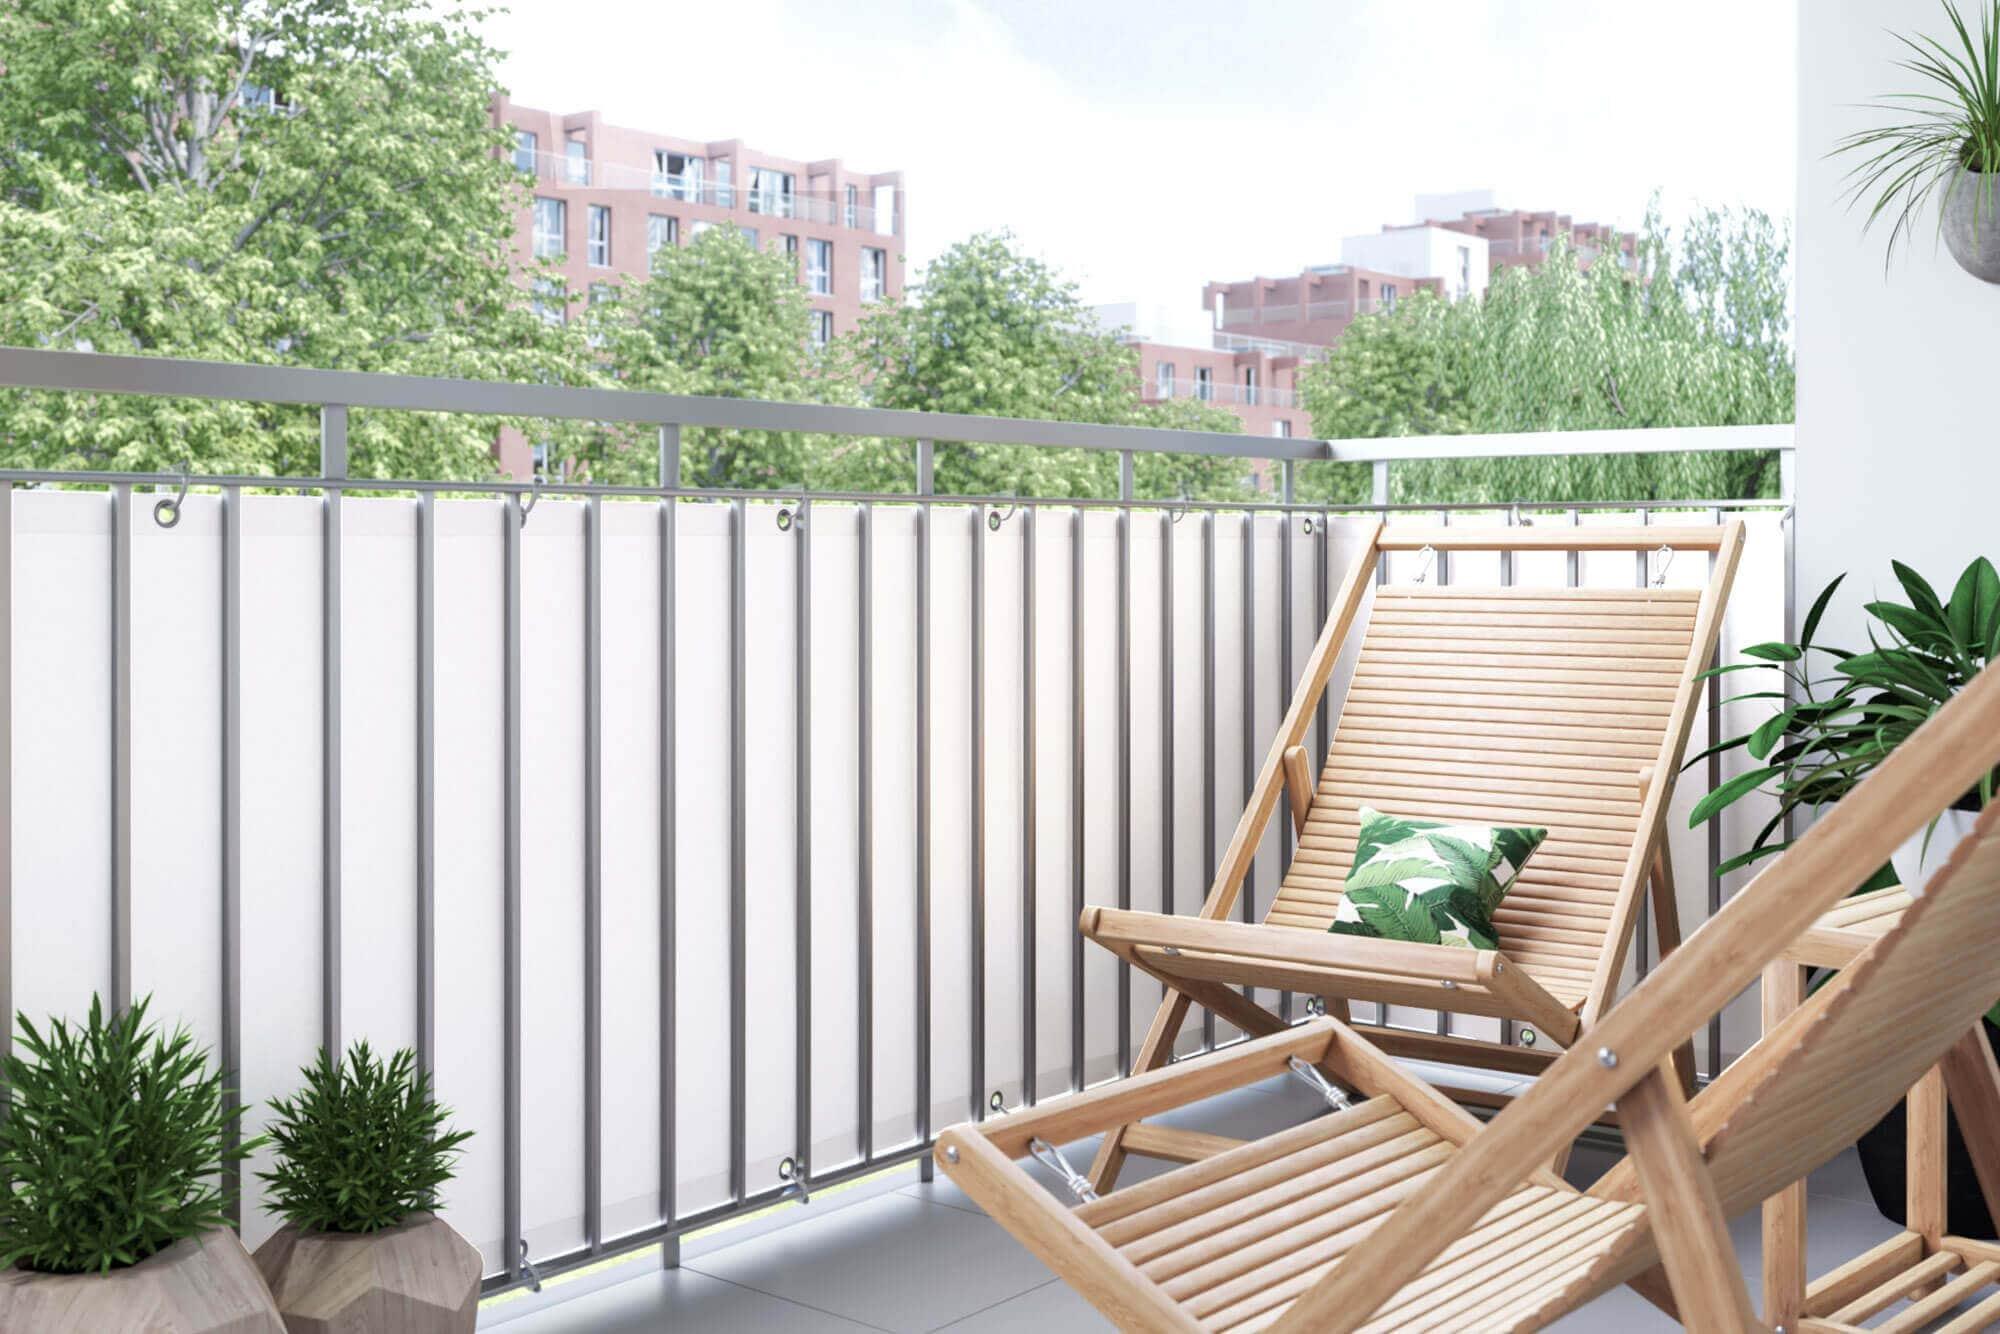 Sichtschutz-Balkon-Zaun-Windschutz-Balkonbespannung-Balkonverkleidung-JAROLIFT